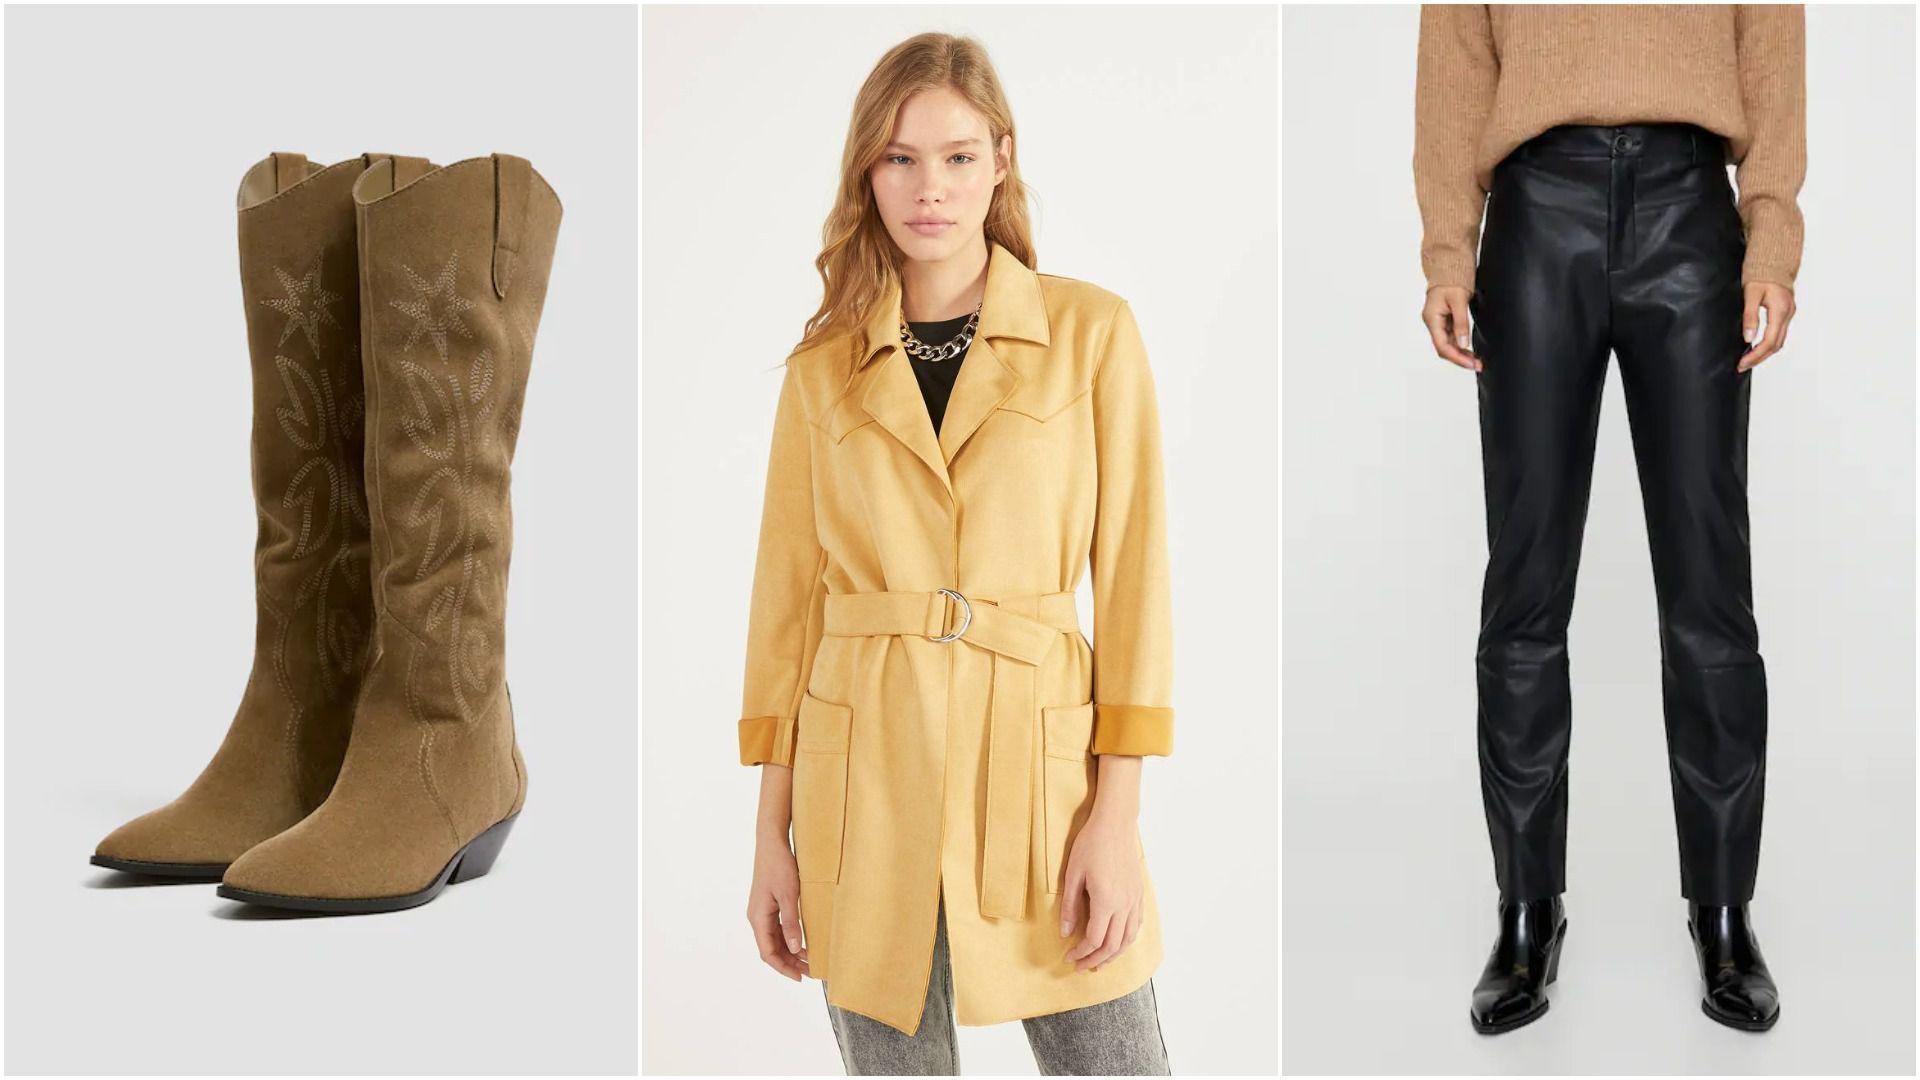 Na sniženju se i dalje mogu kupiti super komadi: Kožne čizme za 69,90 kn, puloveri za 59,90 kn, traperice za 49,90 kn...